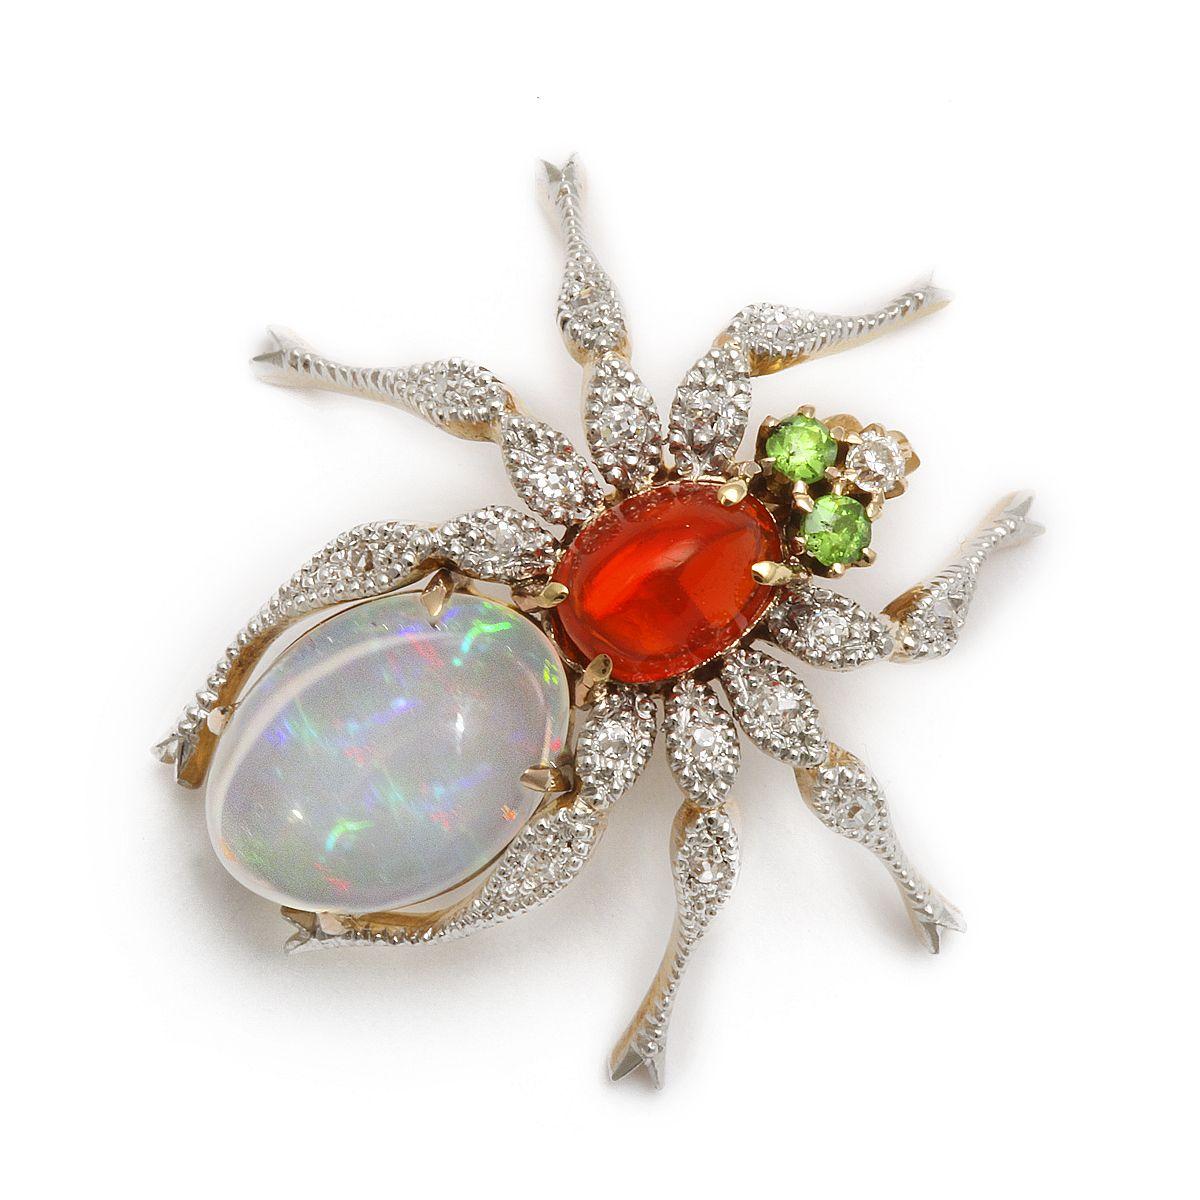 Agua y ópalo ópalo de fuego mexicano pin araña con patas de diamantes y los ojos Demantoide granate, montado en oro y platino.